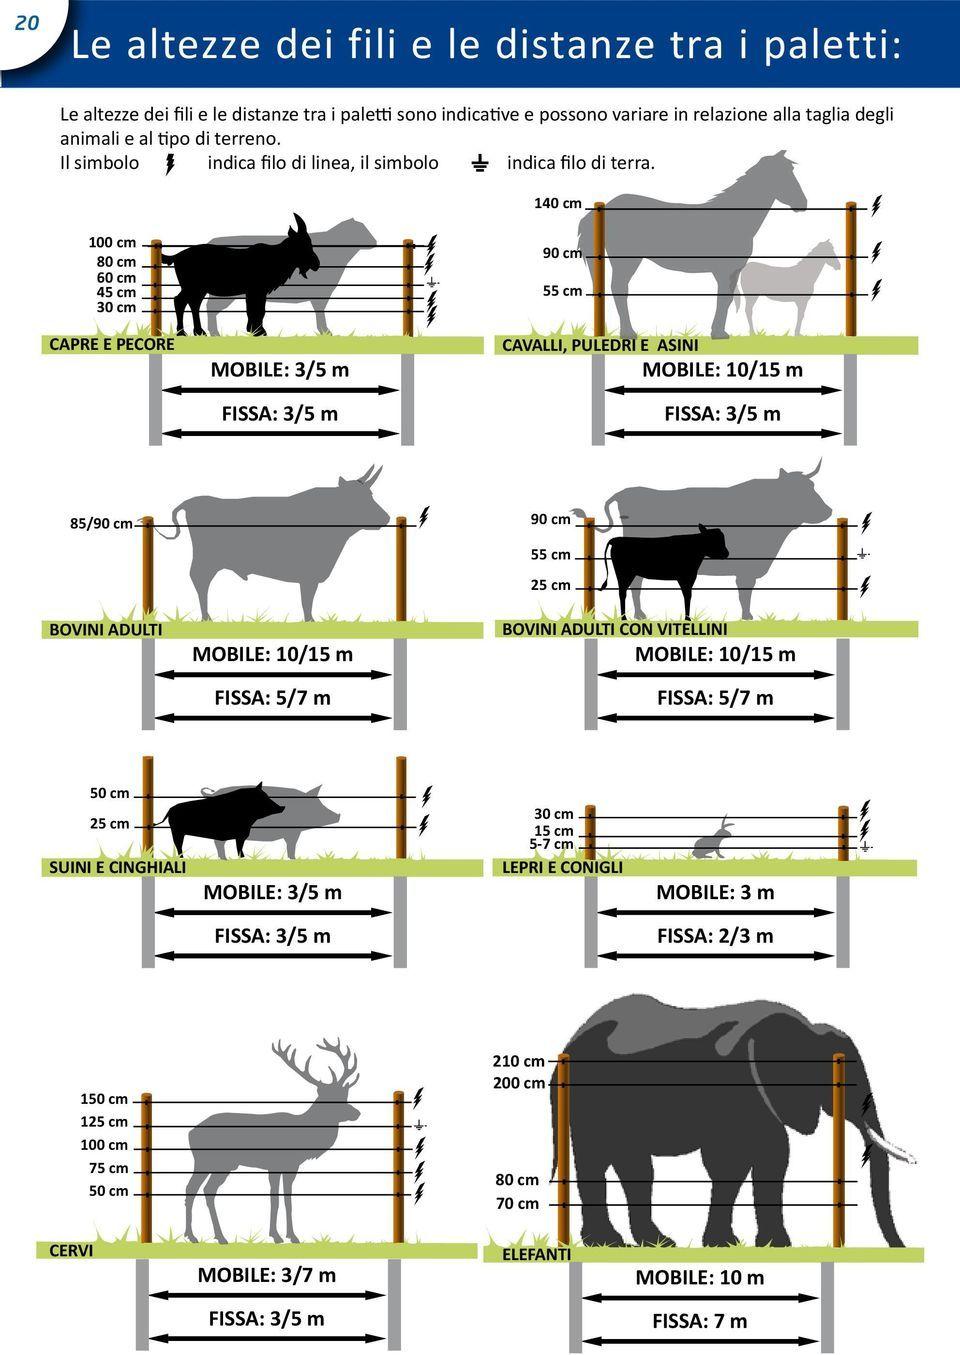 Schema Elettrico Jack 3 5 : Risultati immagini per schema elettrico elettrificatore per